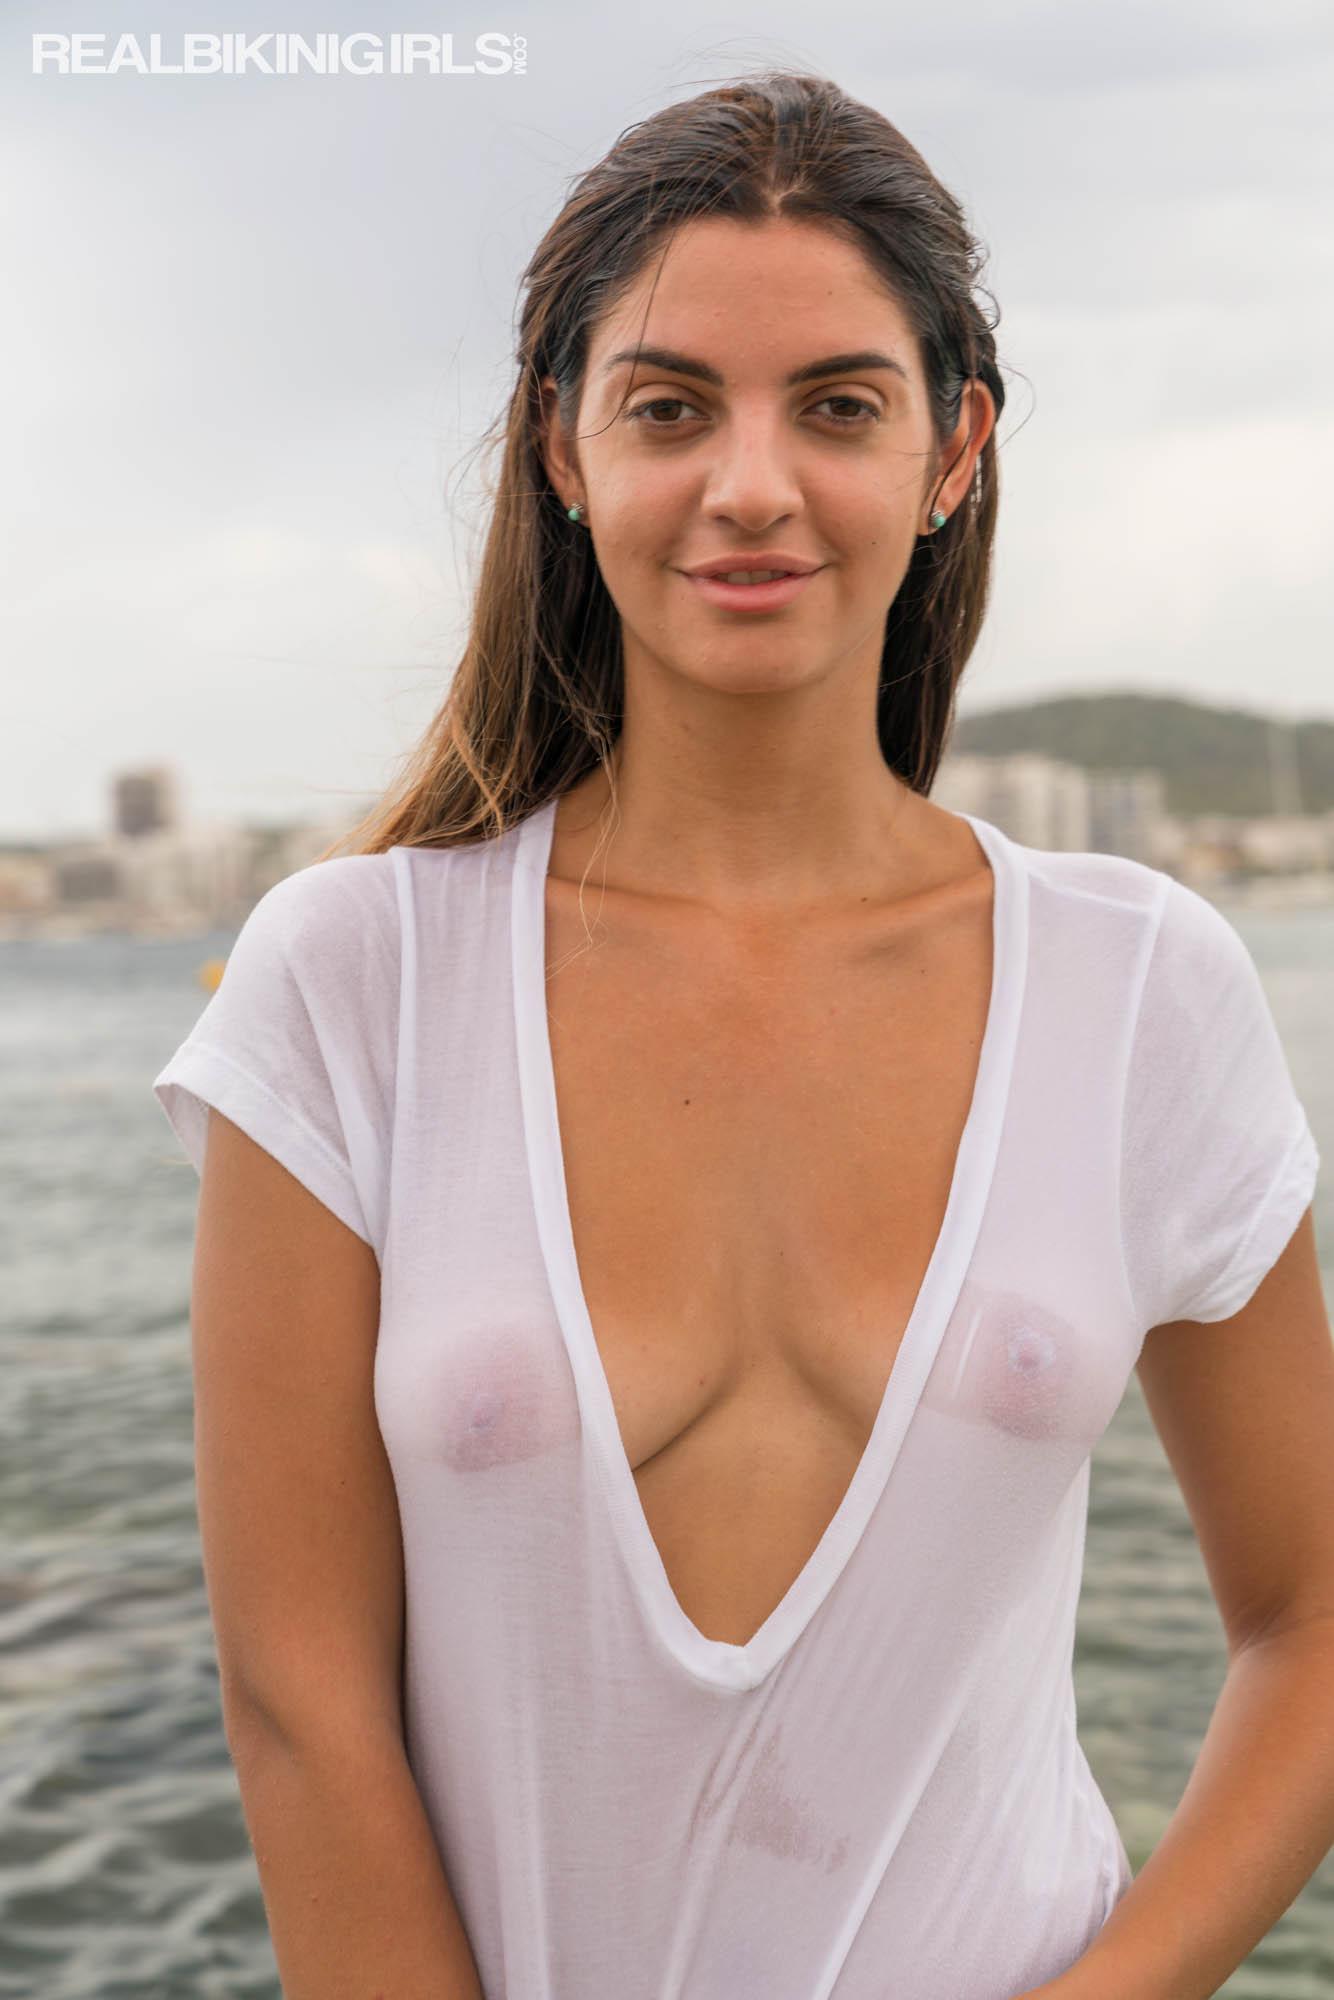 Wet T-Shirt - Free bikini photos from RealBikiniGirls.com